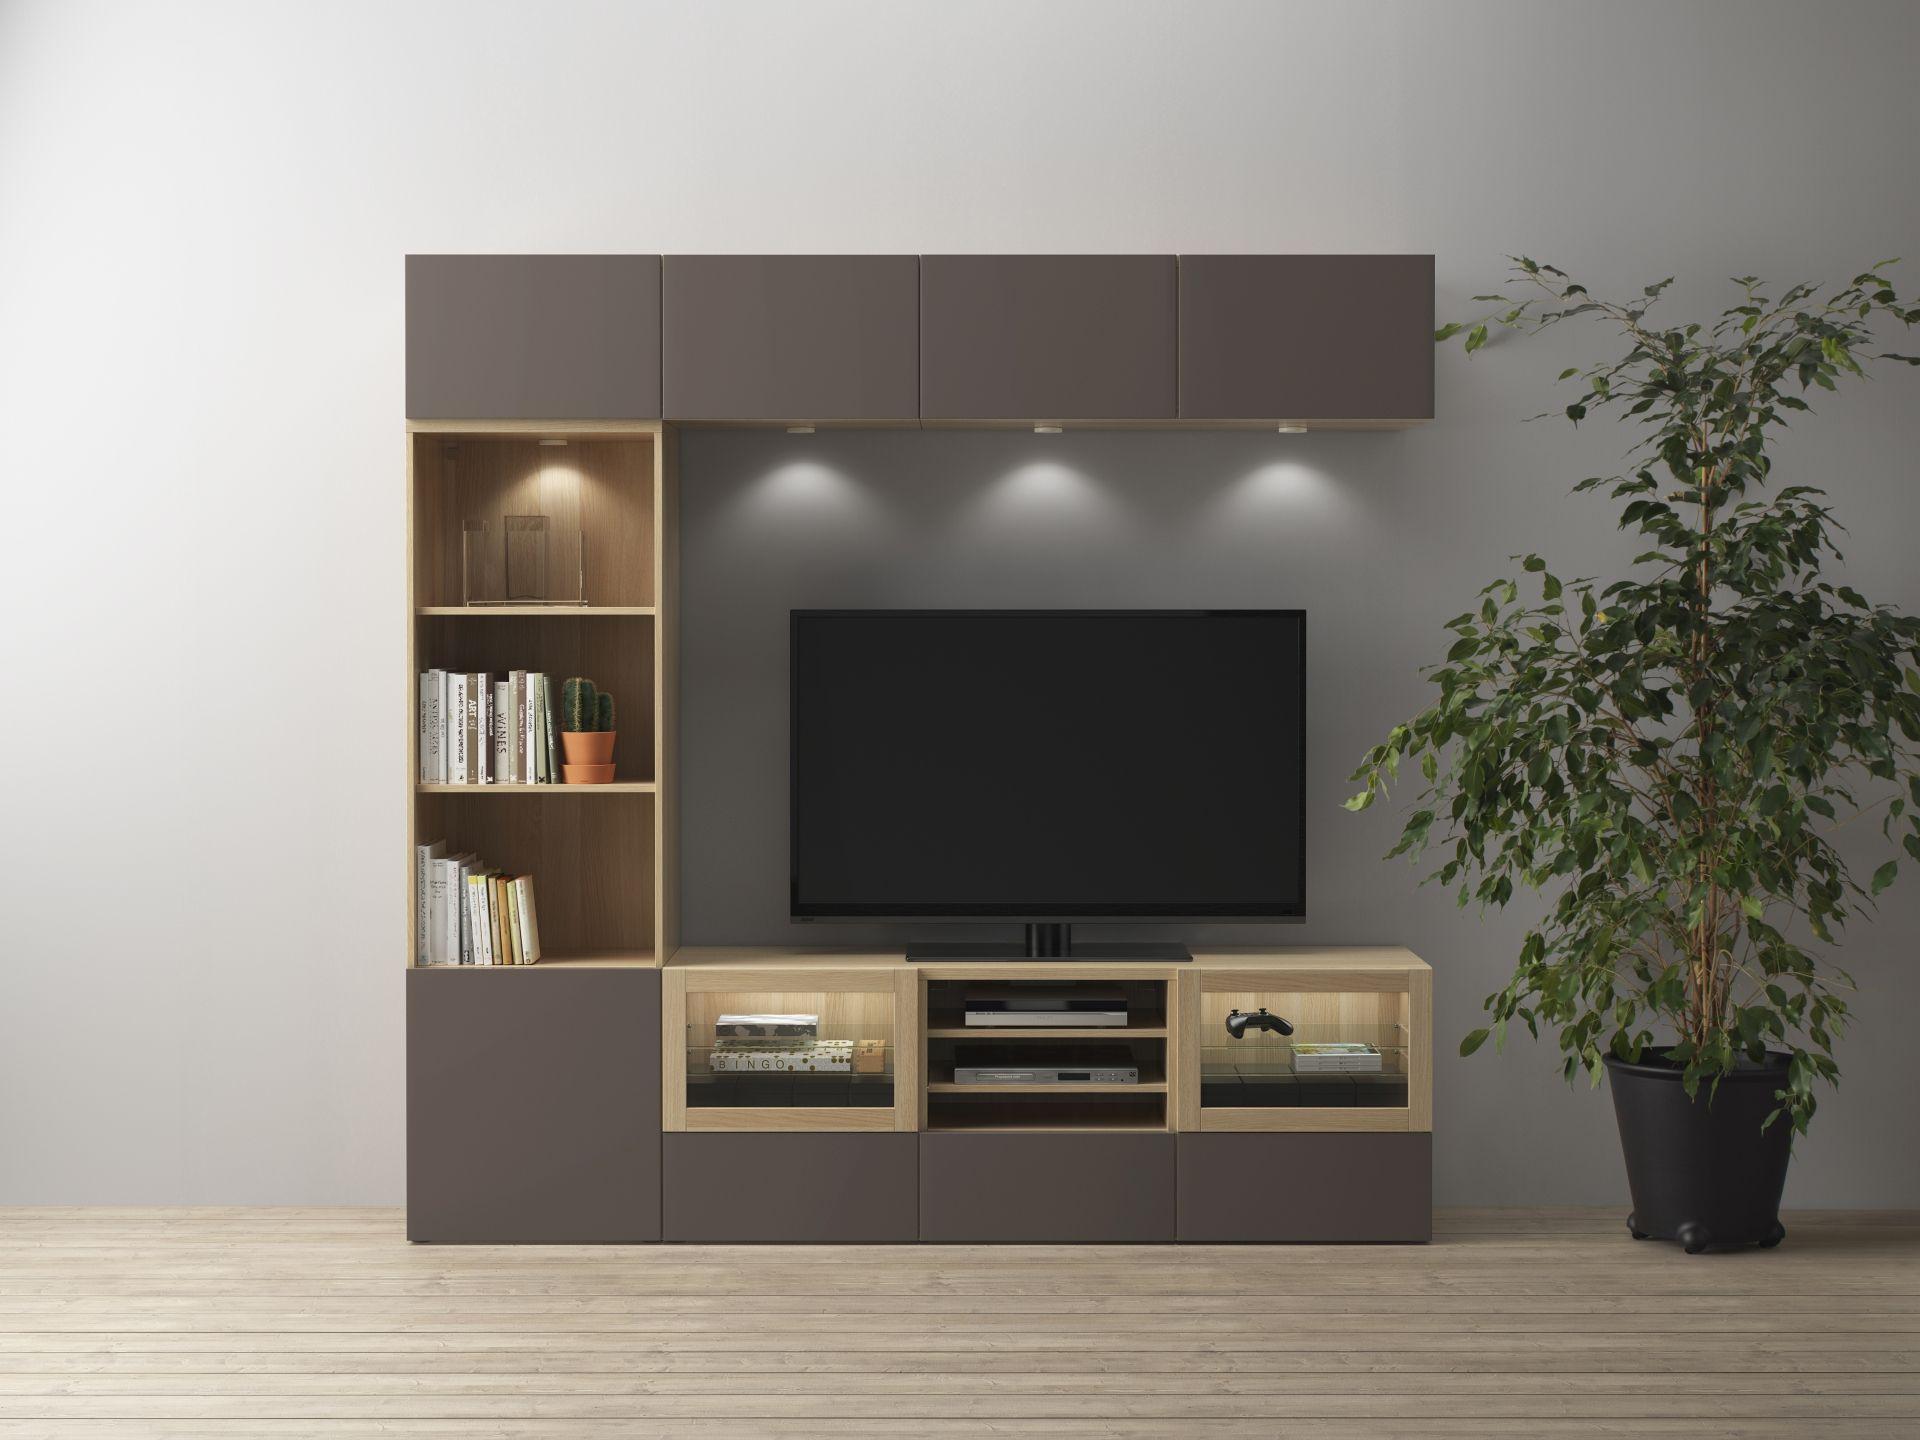 Tv meubel vitrinekast ikea tv meubel trento de statie wonen dichte